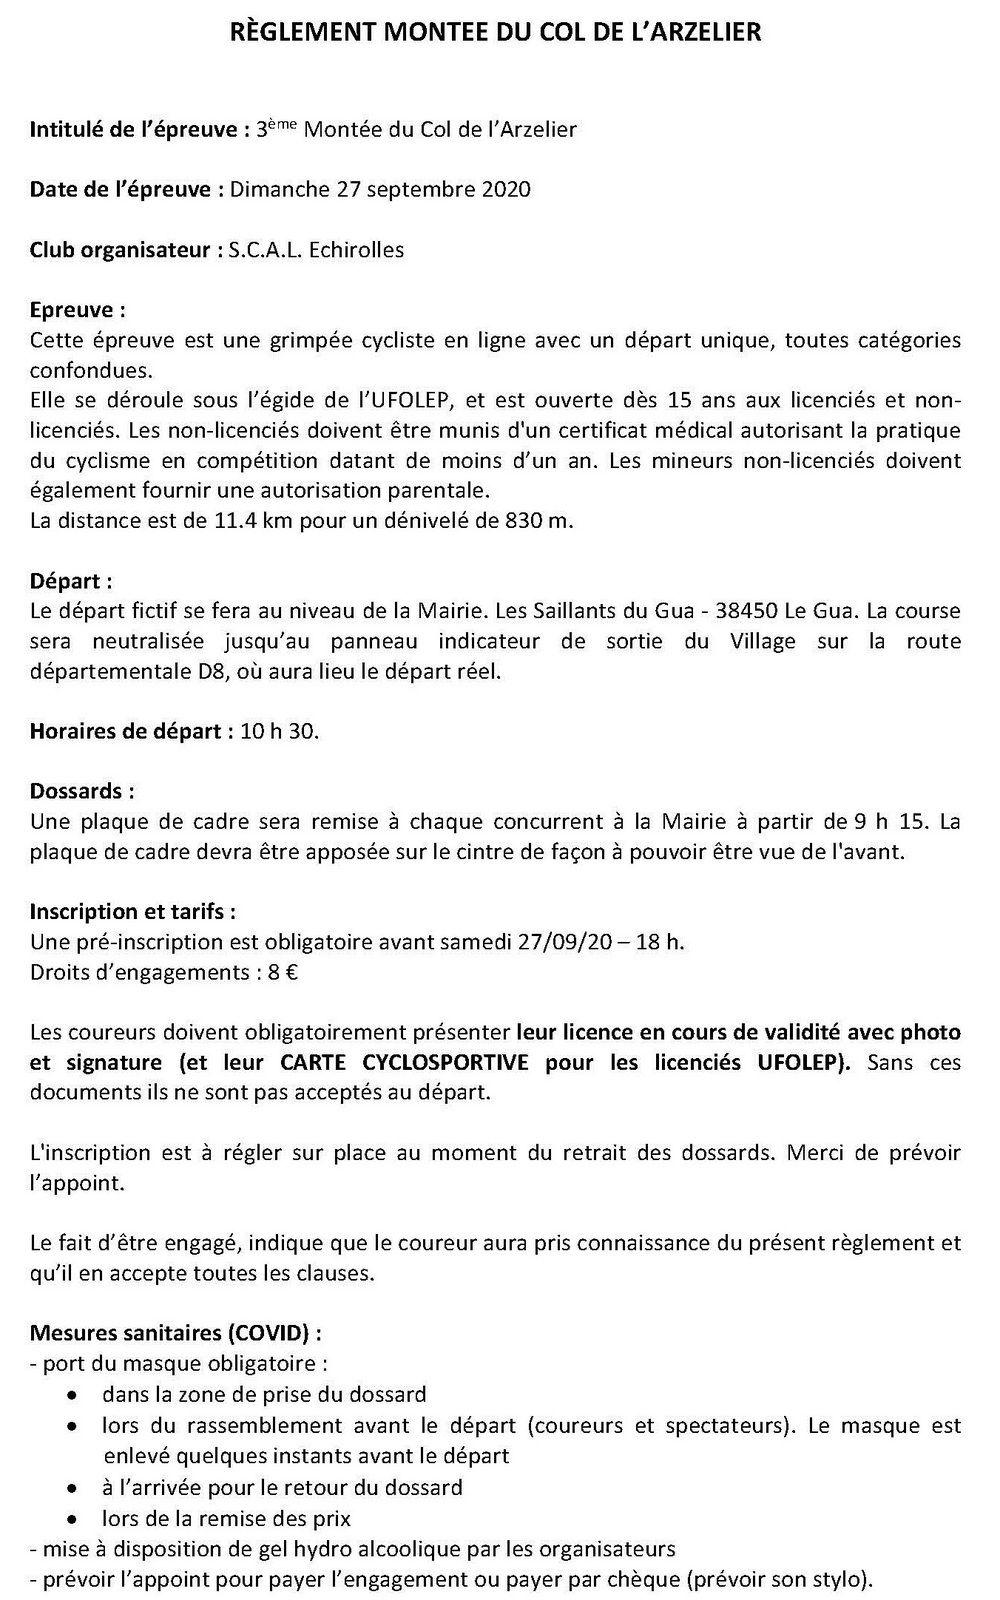 Montée du Col de l'Arzelier - 3ème édition - 27/09/20